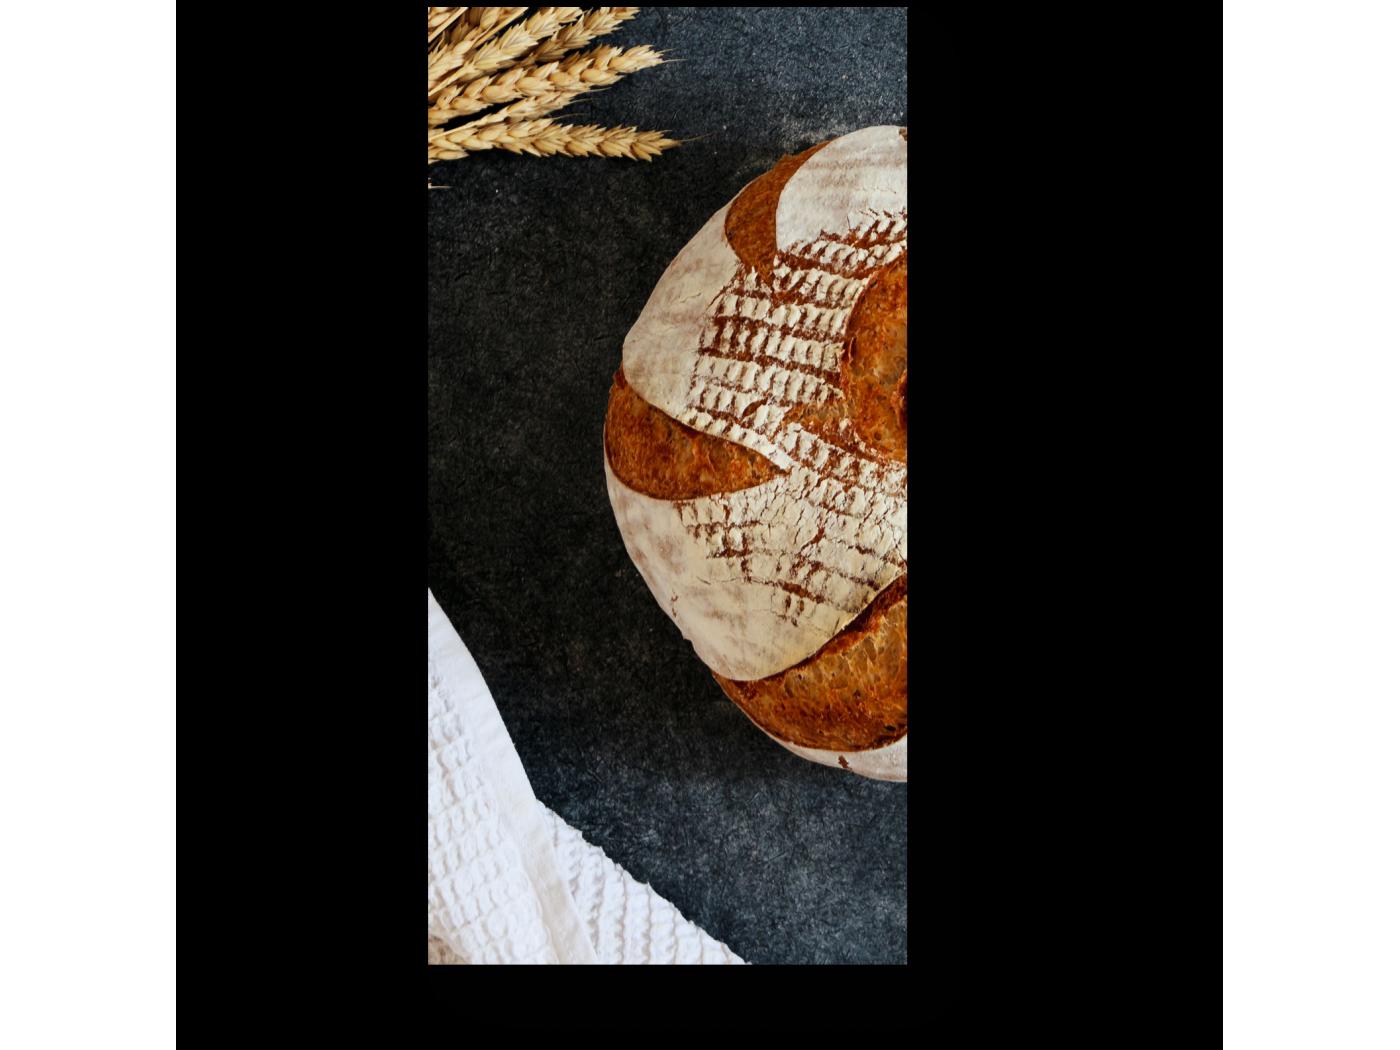 Модульная картина Хлеб-всему голова (20x40) фото